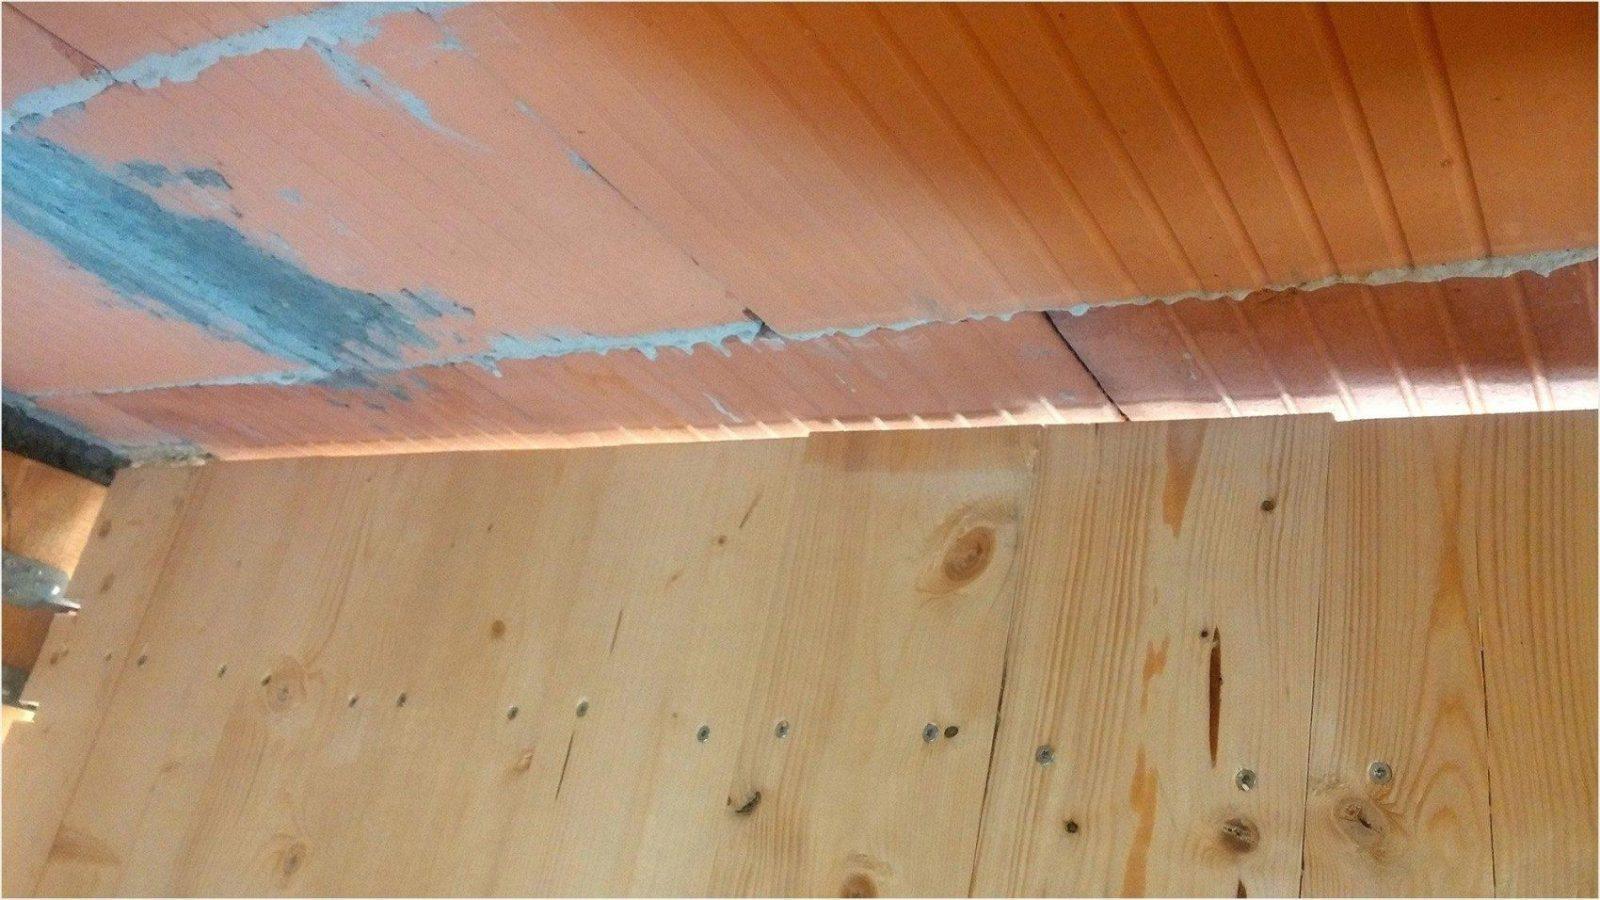 Holzdecke Streichen Lackierte Ohne Schleifen Mit Wandfarbe Weiss Farbe von Holzdecke Lackieren Ohne Abschleifen Photo